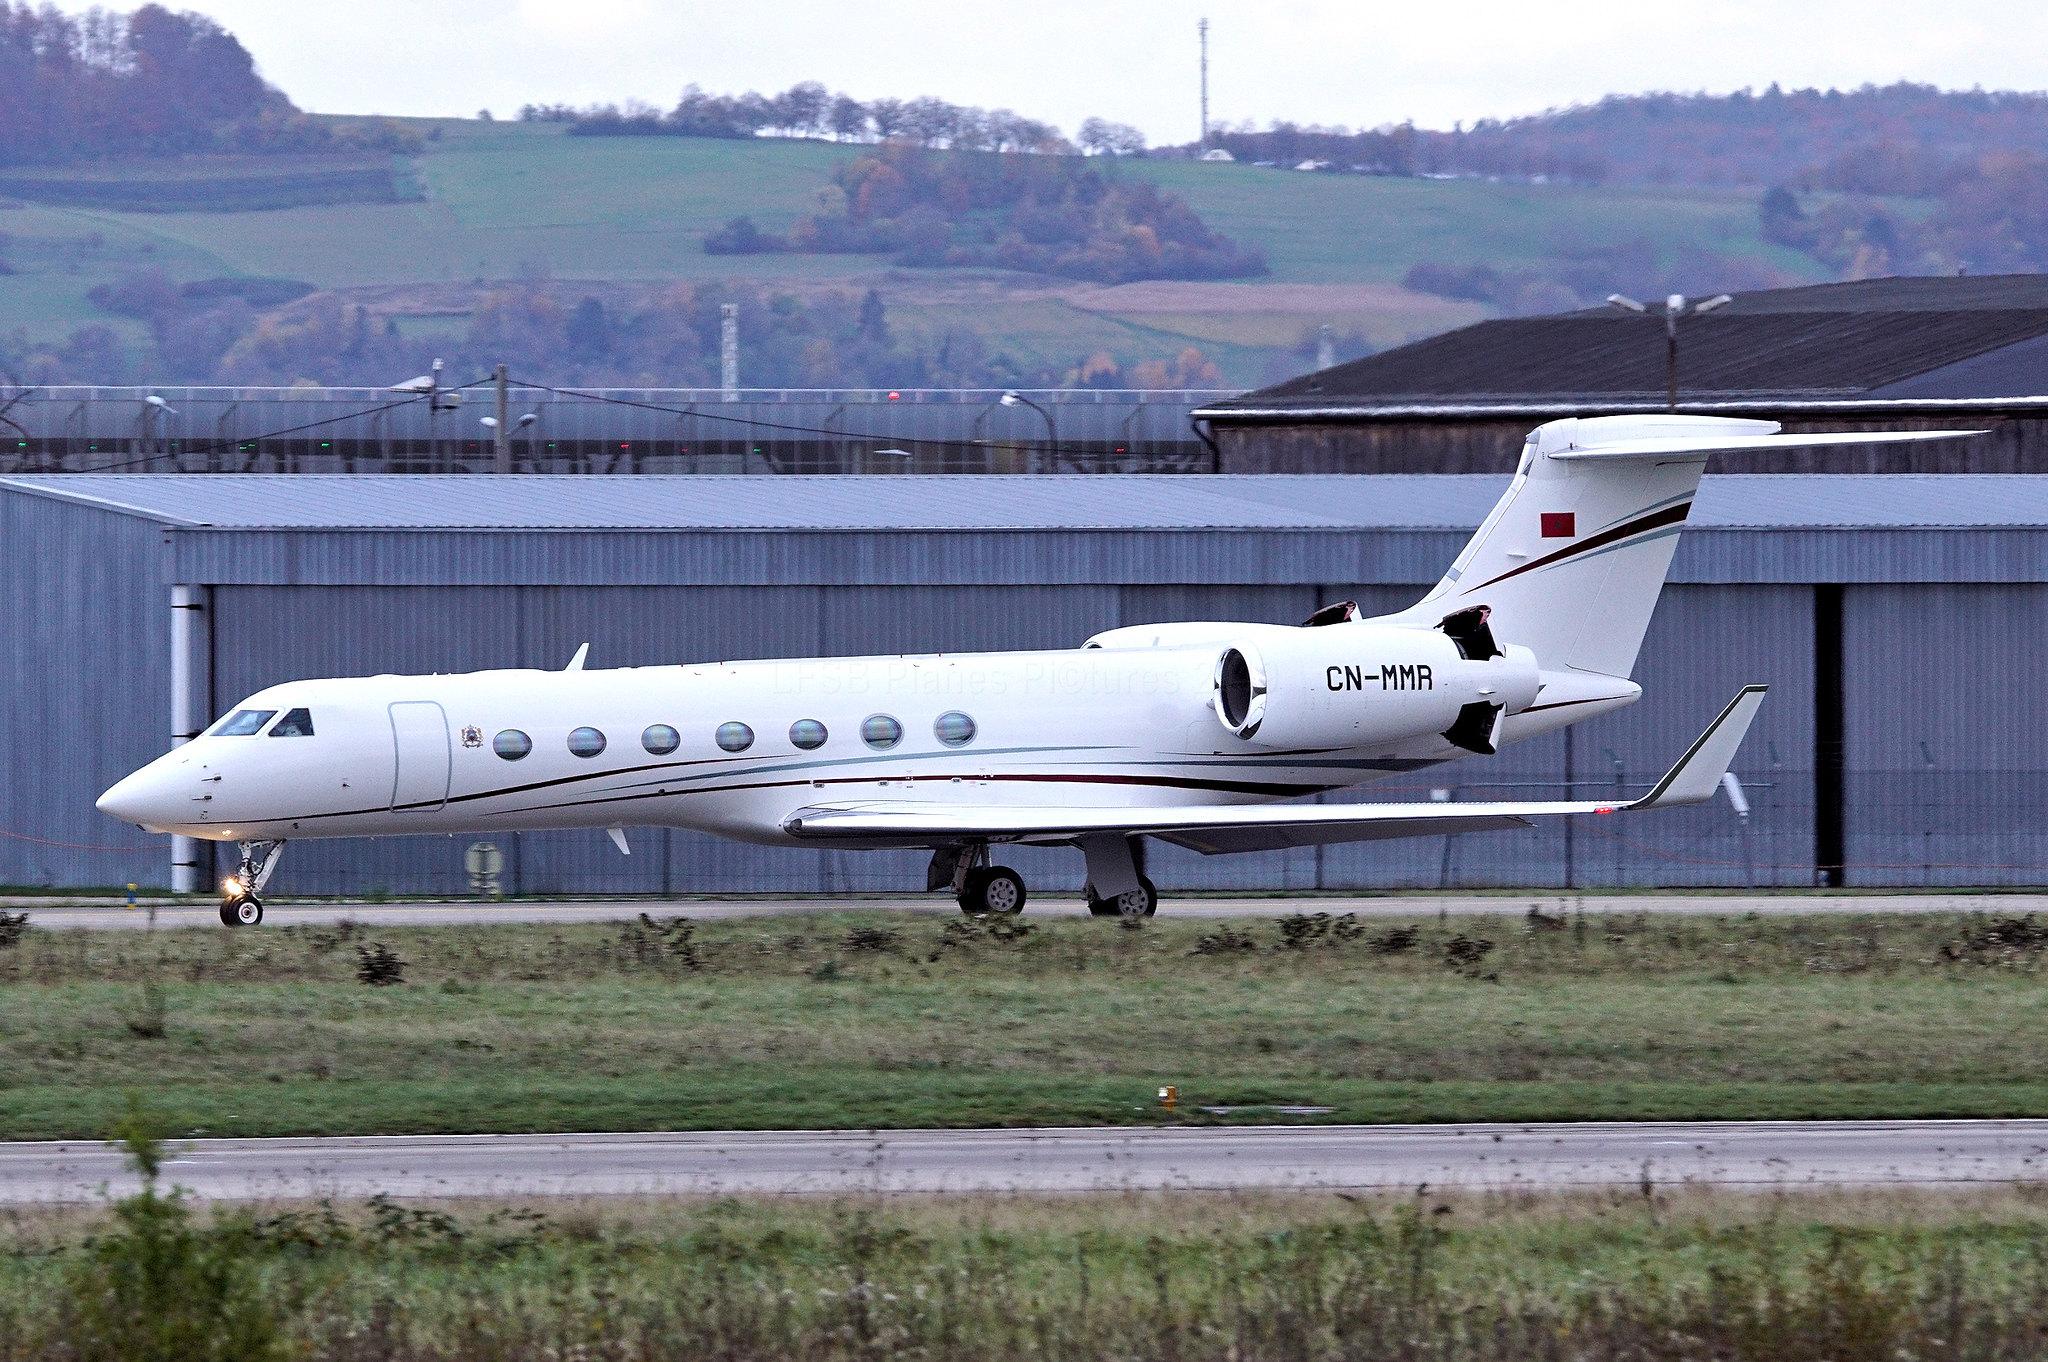 FRA: Avions VIP, Liaison & ECM - Page 23 49064267768_d925eddf2e_k